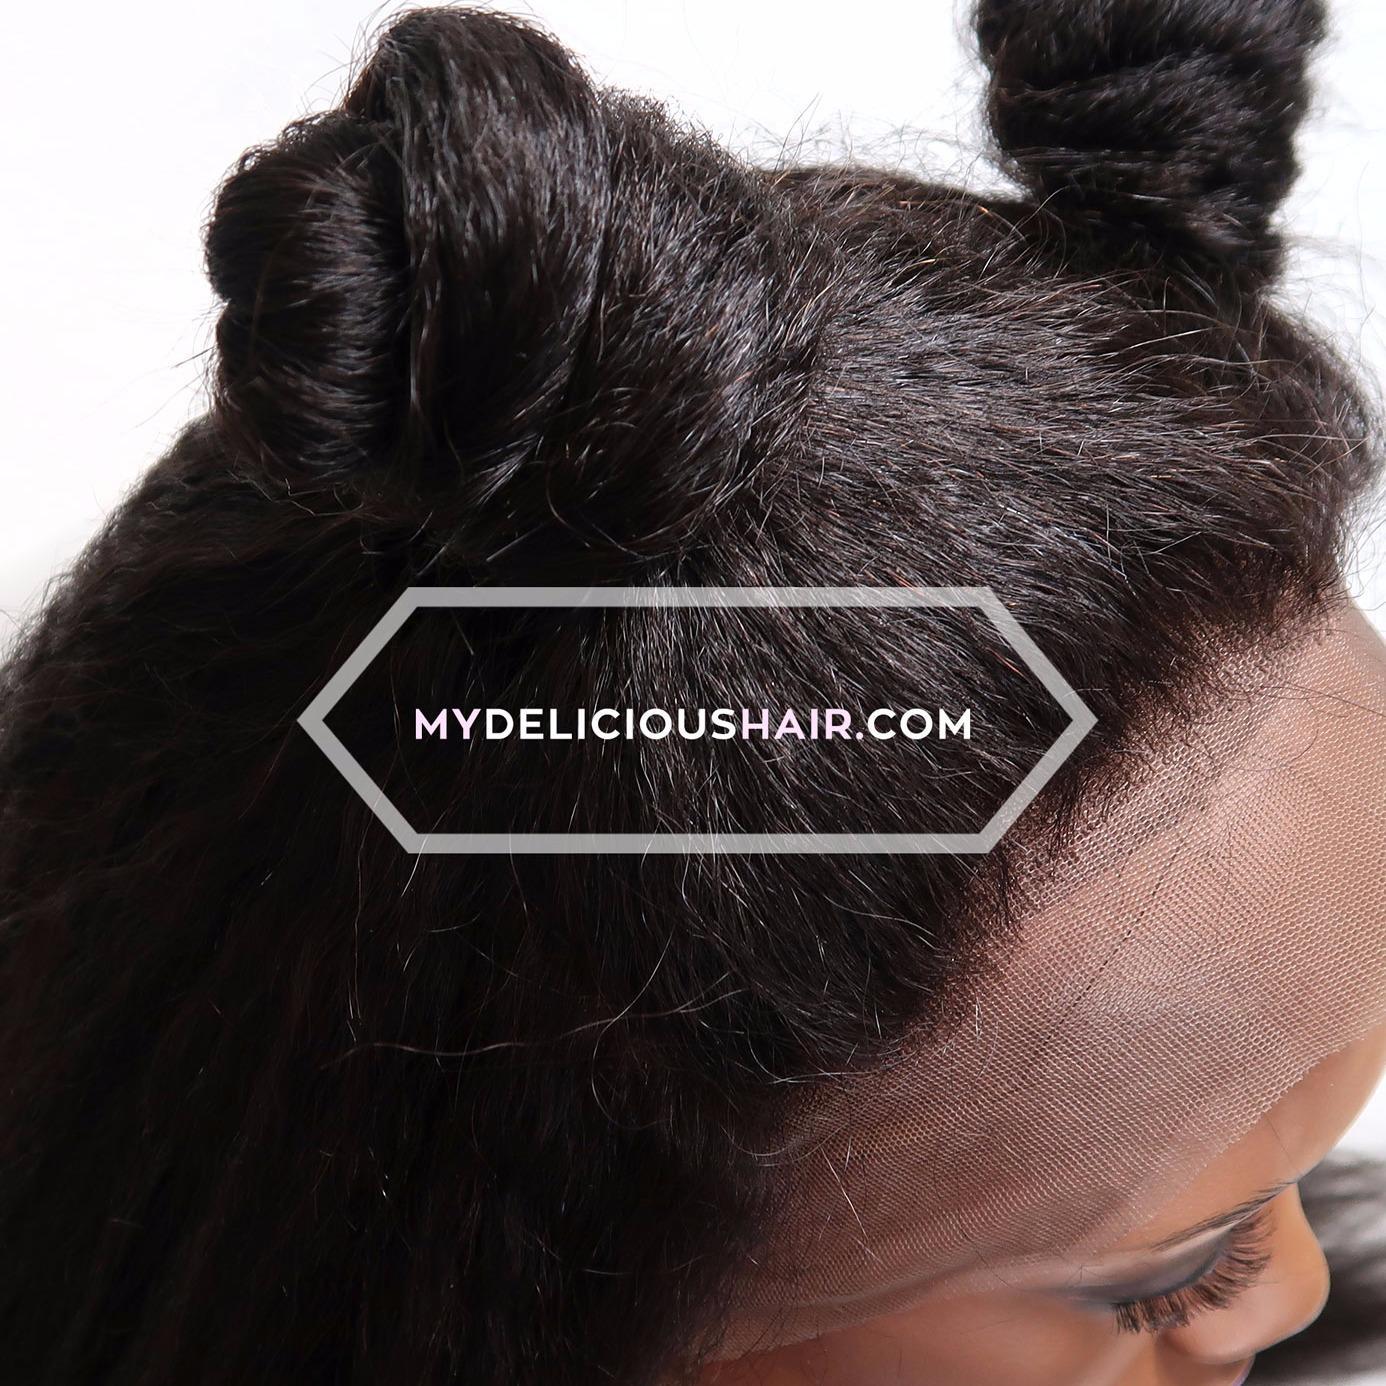 Shop Lace Wigs image 9